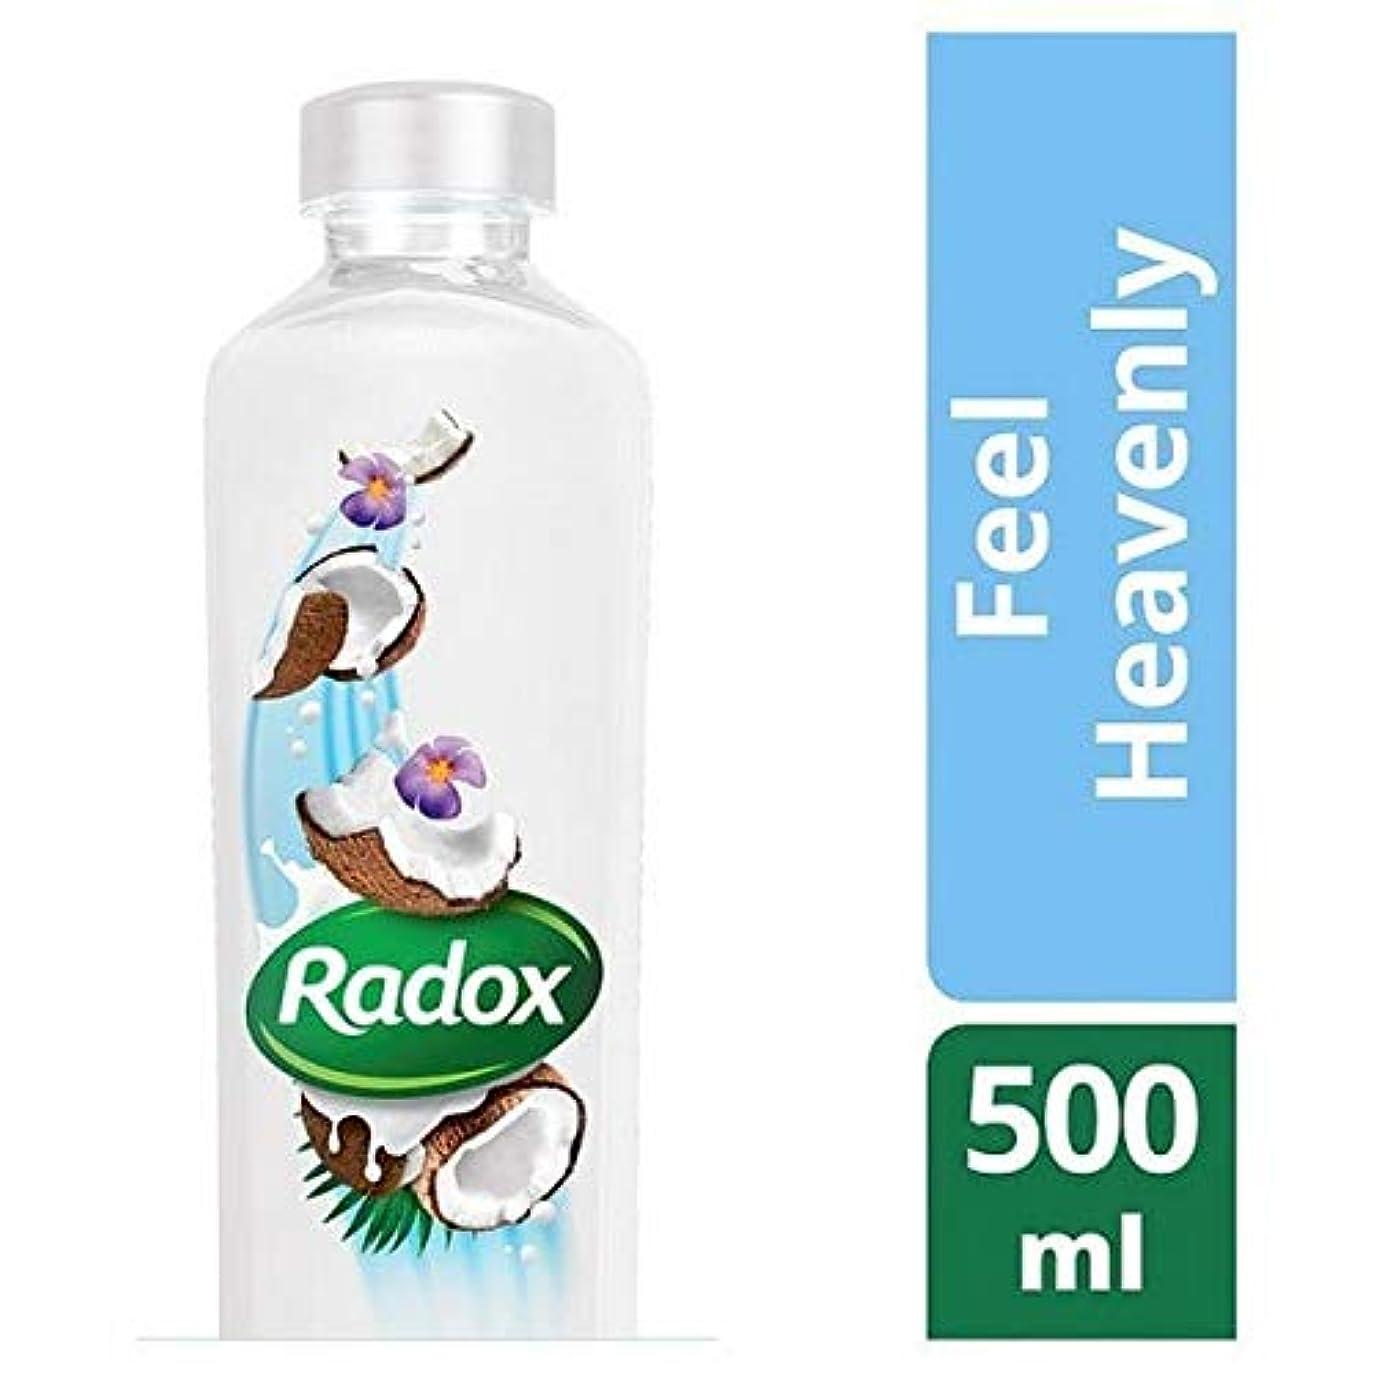 ルーチン論争的折[Radox] Radoxは天国の500ミリリットルを感じます - Radox Feel Heavenly 500ml [並行輸入品]